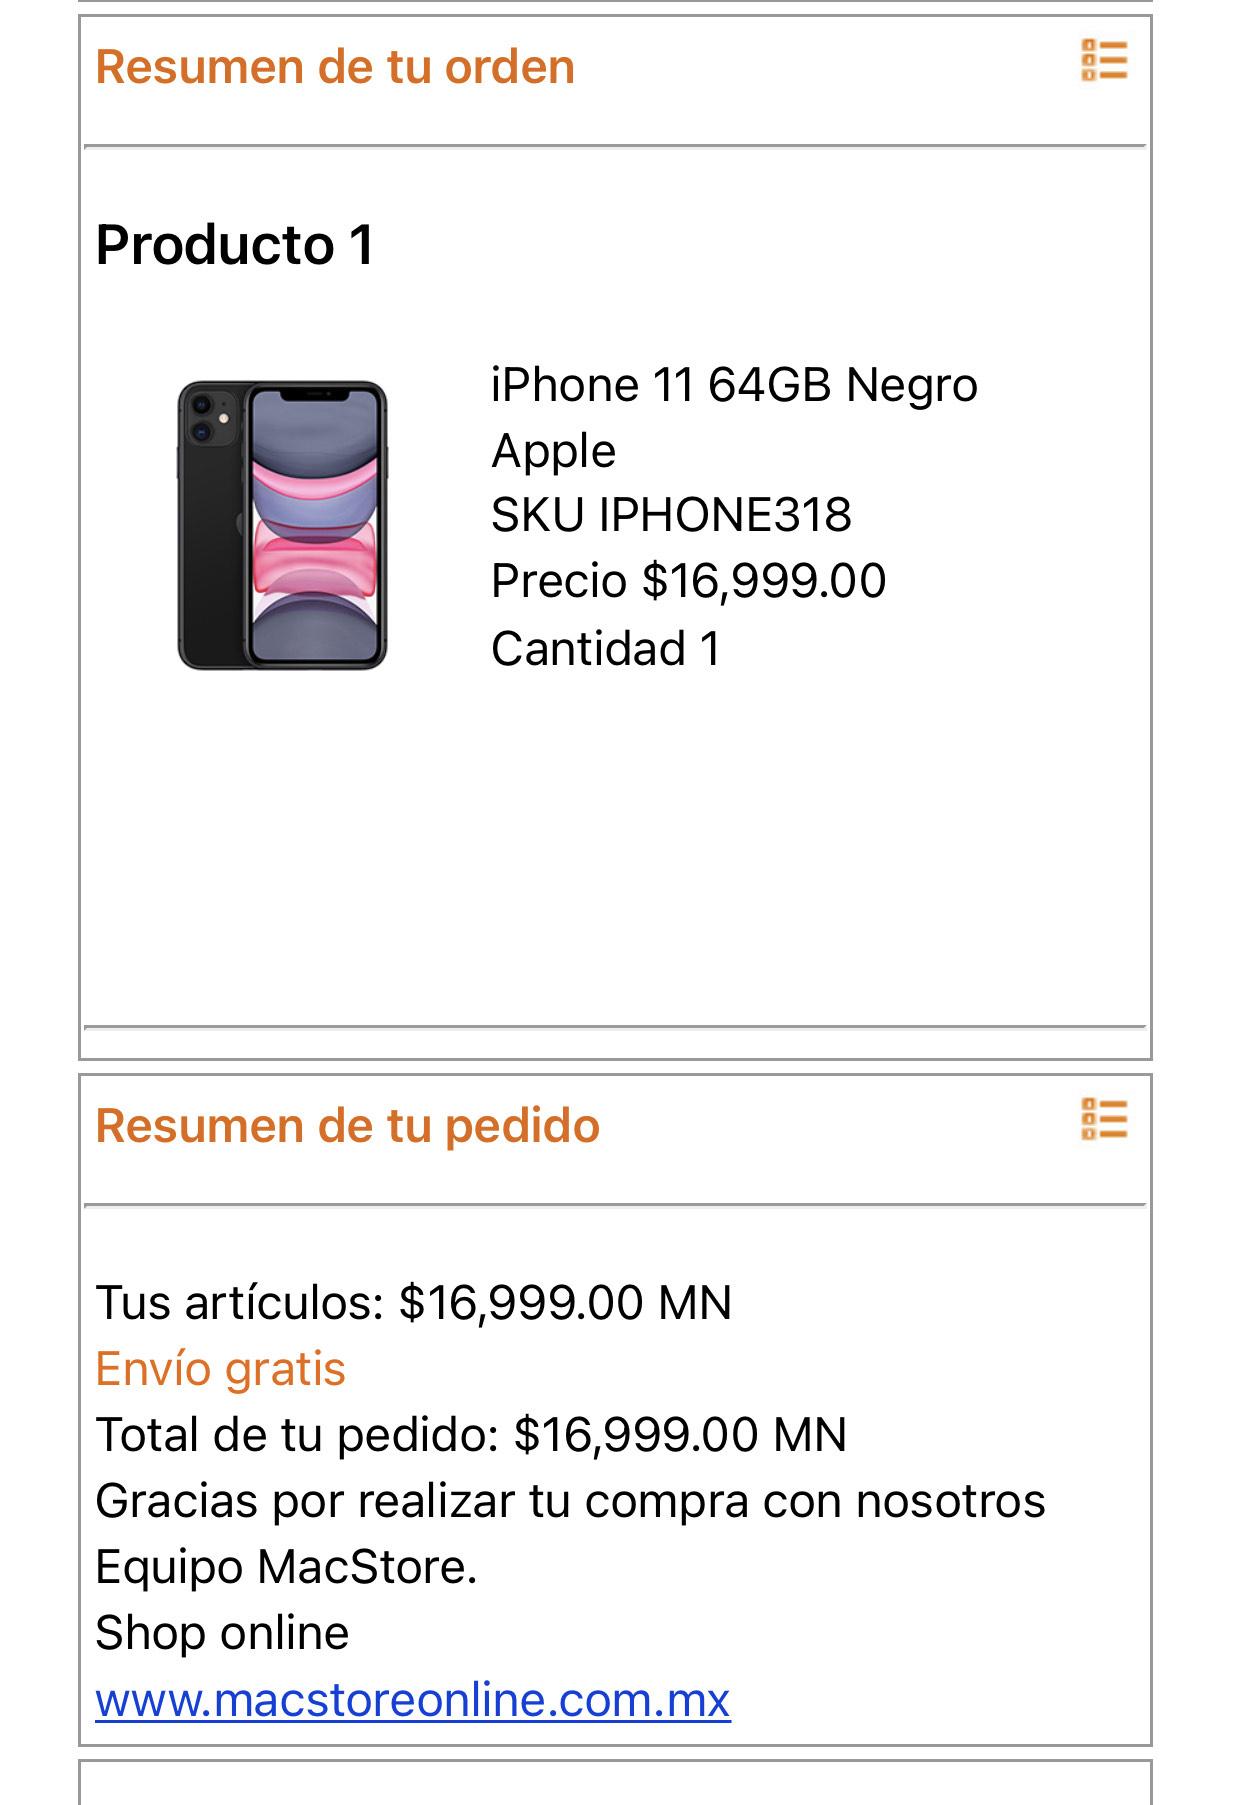 iPhone 11 64GB con HSBC MacStore